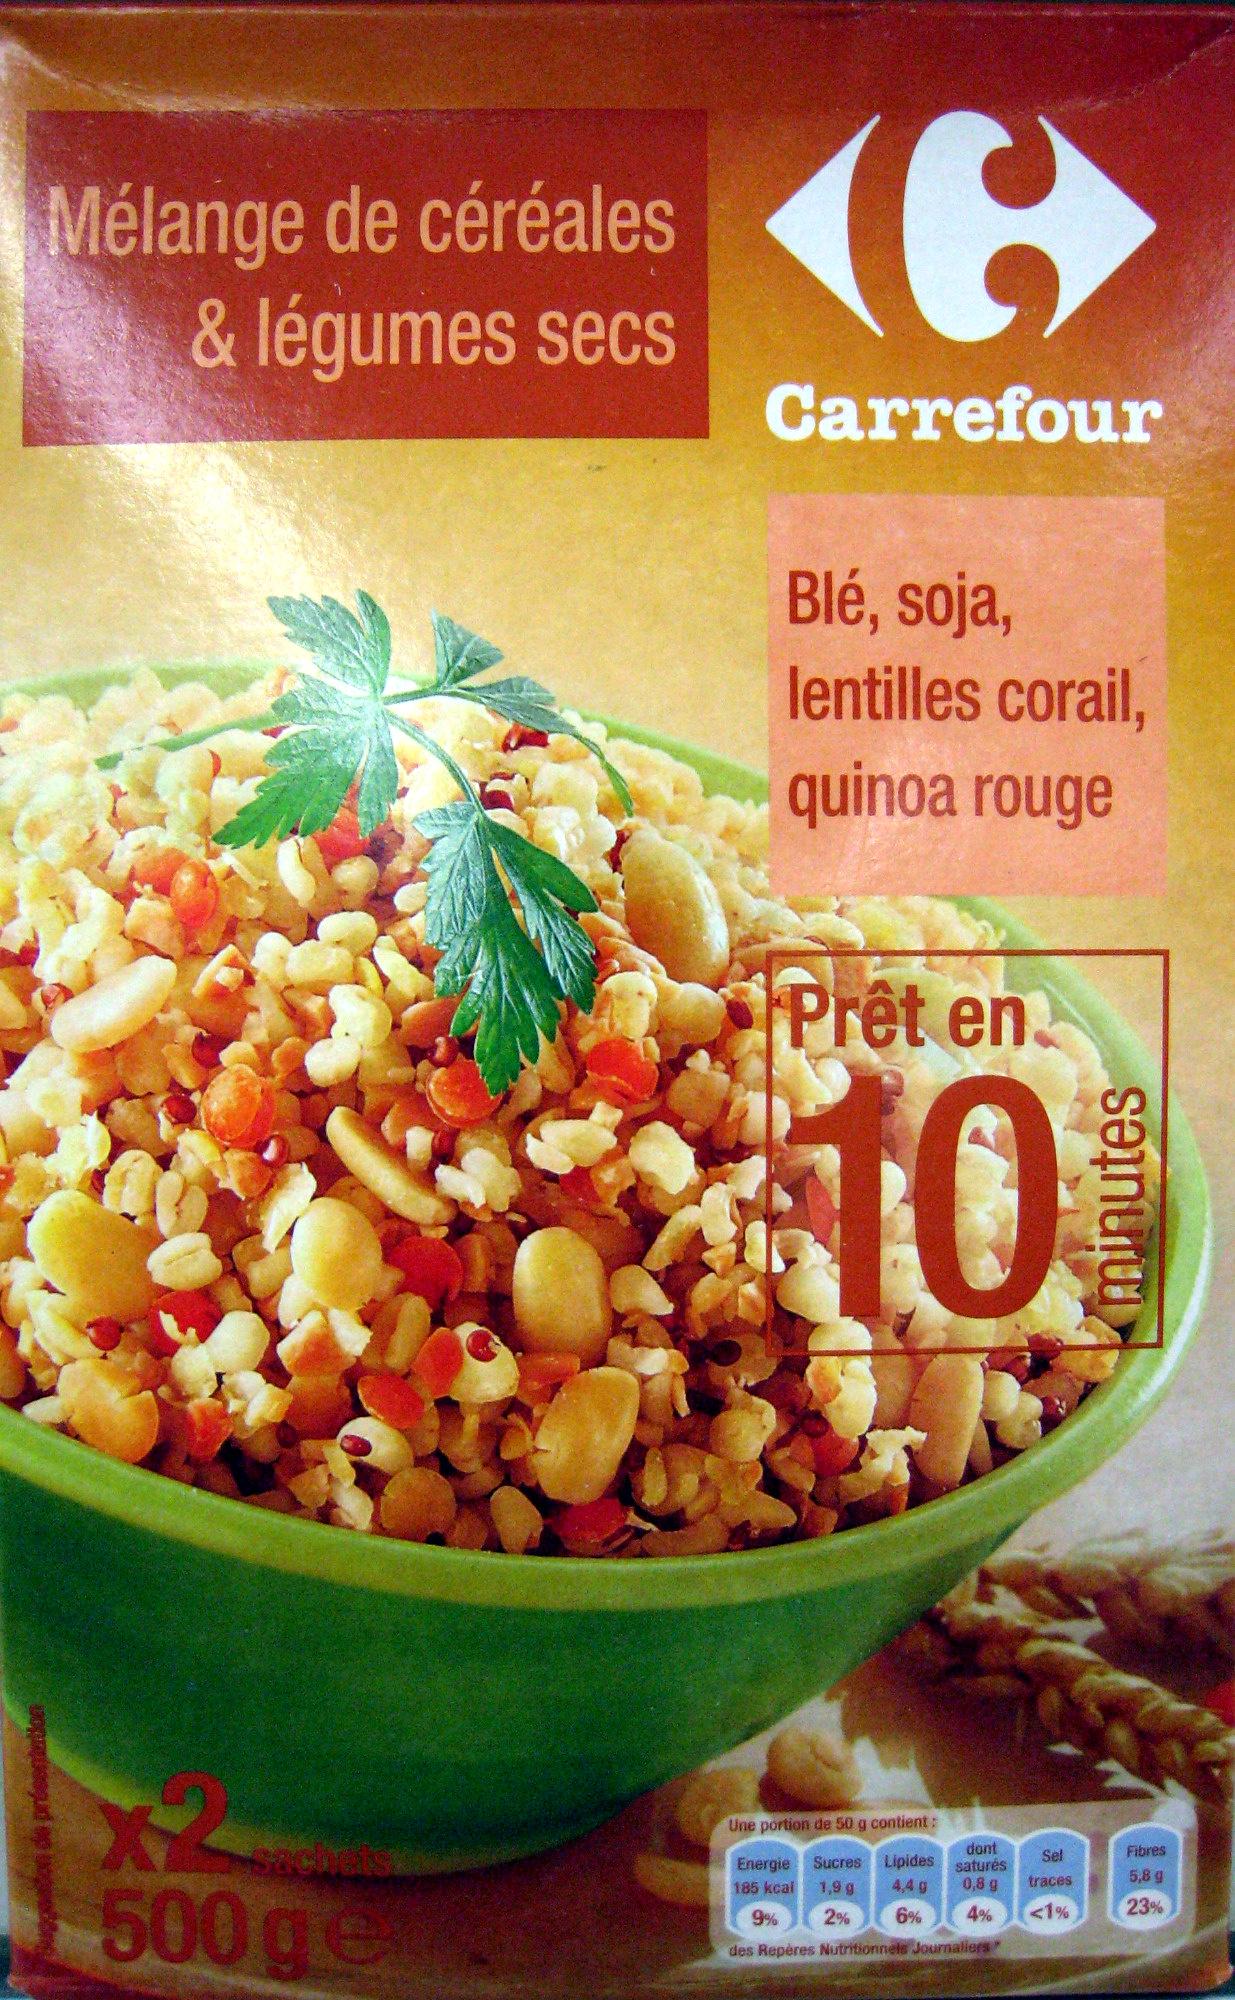 Mélange de céréales & légumes secs (Blé, soja, lentilles corail, quinoa rouge) - Product - fr